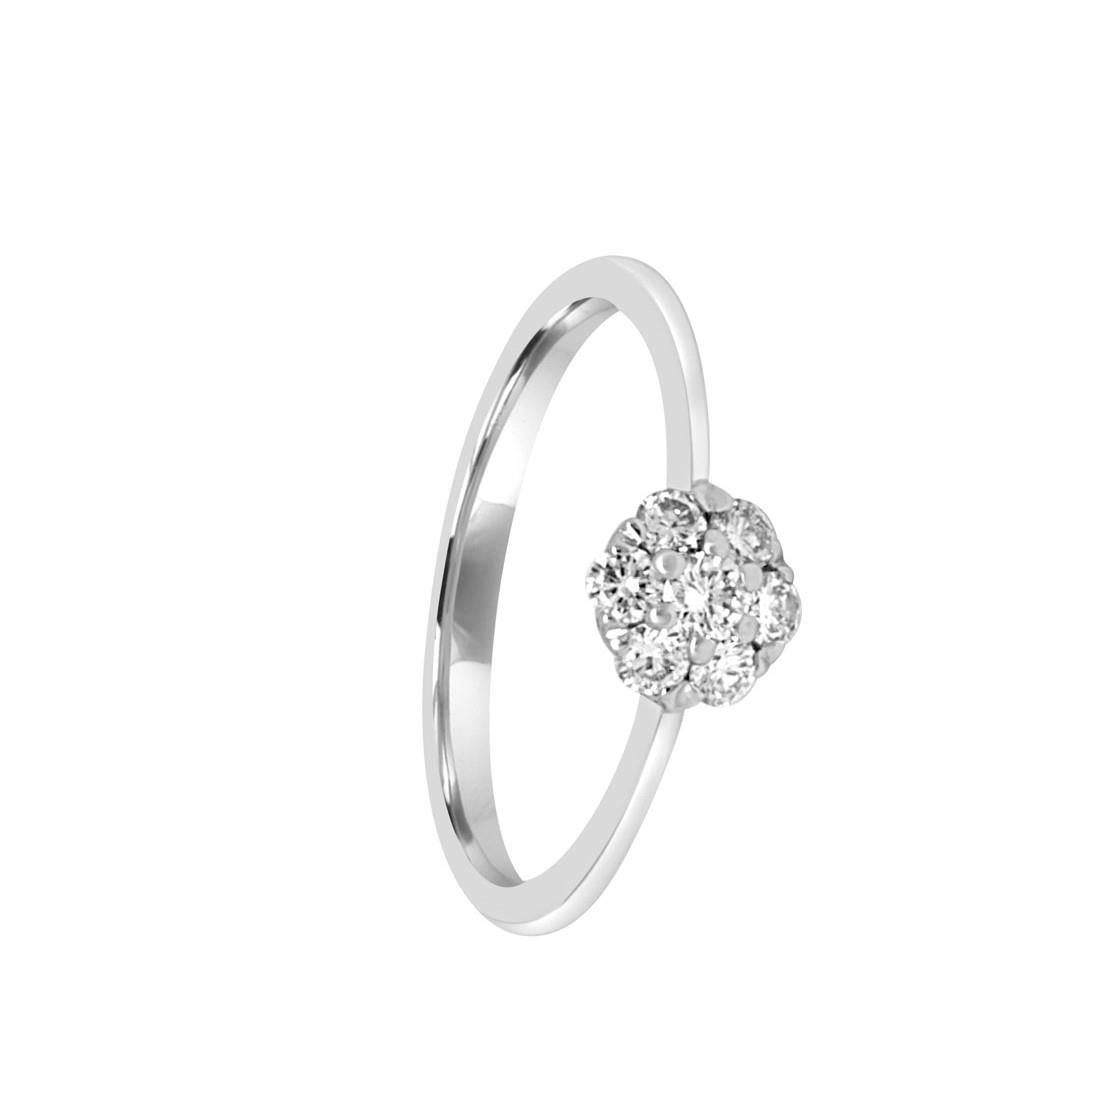 Anello in oro bianco con diamanti, misura 15 - ALFIERI & ST.JOHN